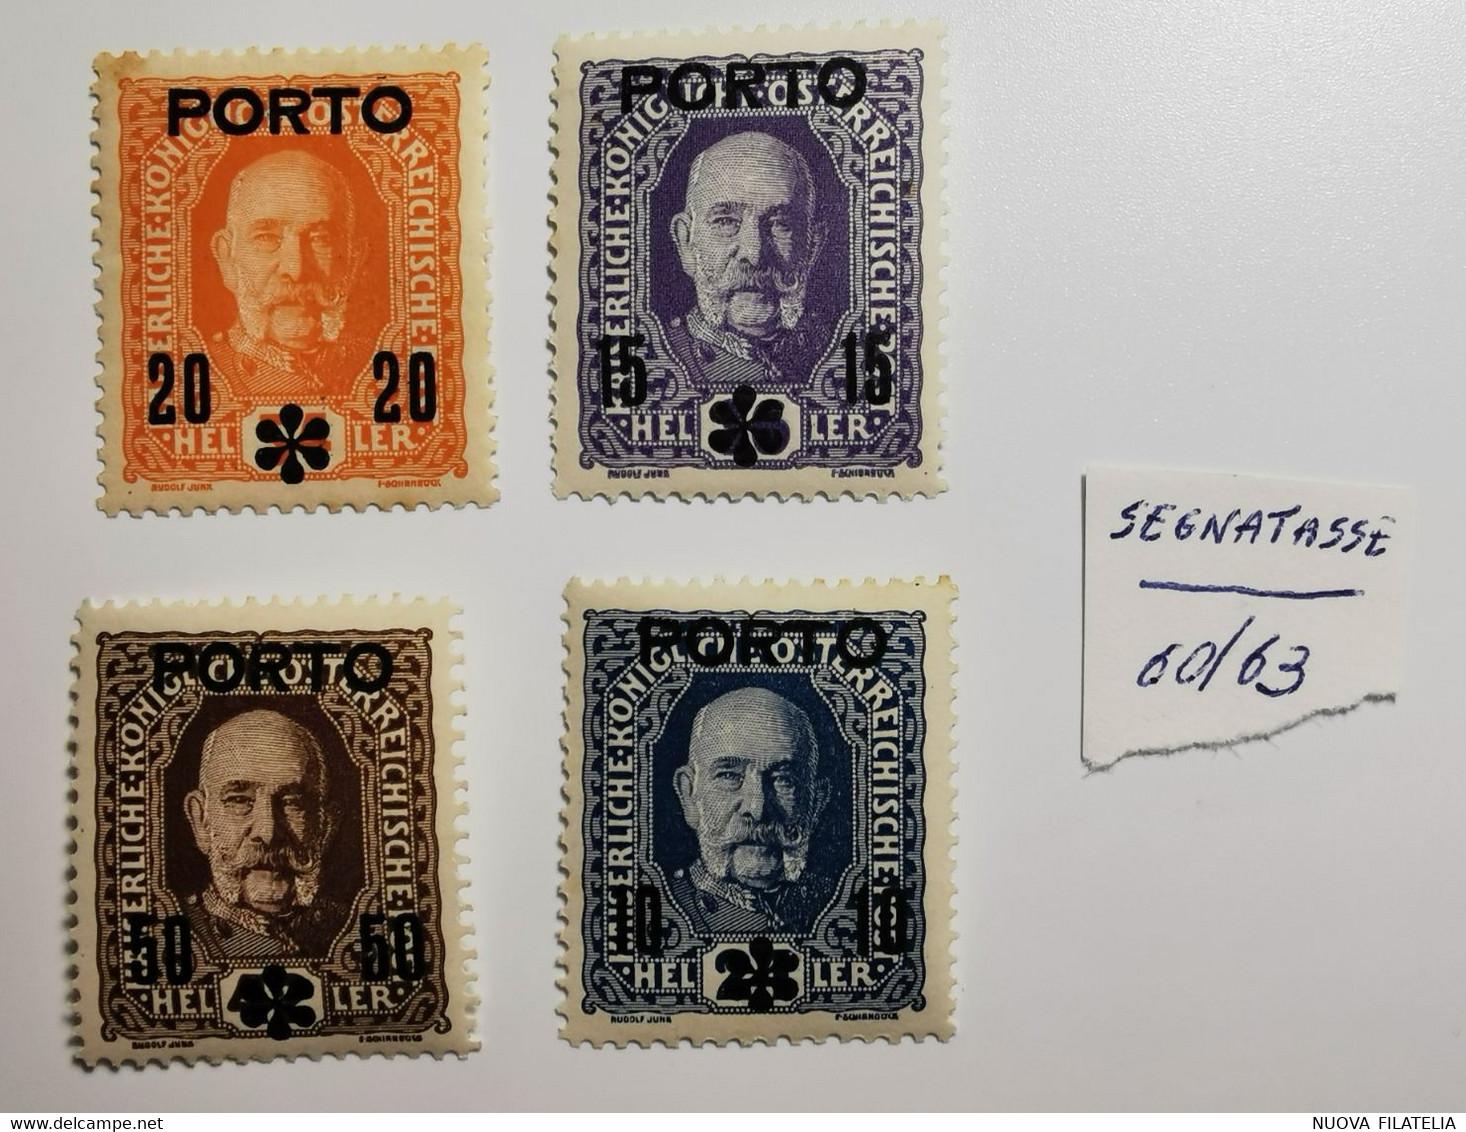 AUSTRIA 1917 SEGNATASSE - Nuevos